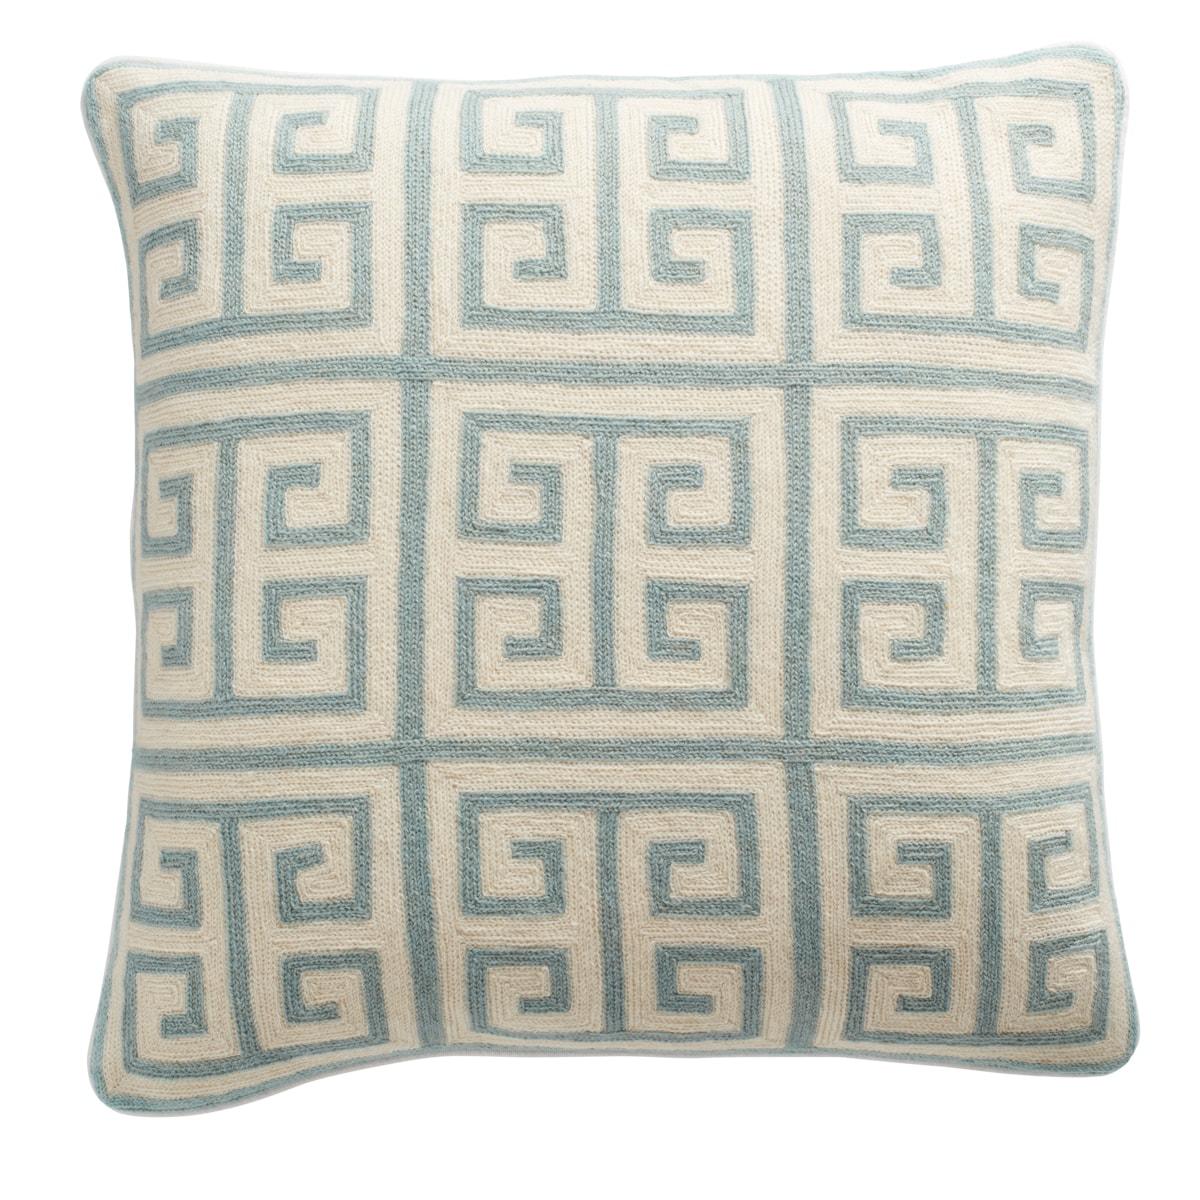 Copy of Greek Key Pillow